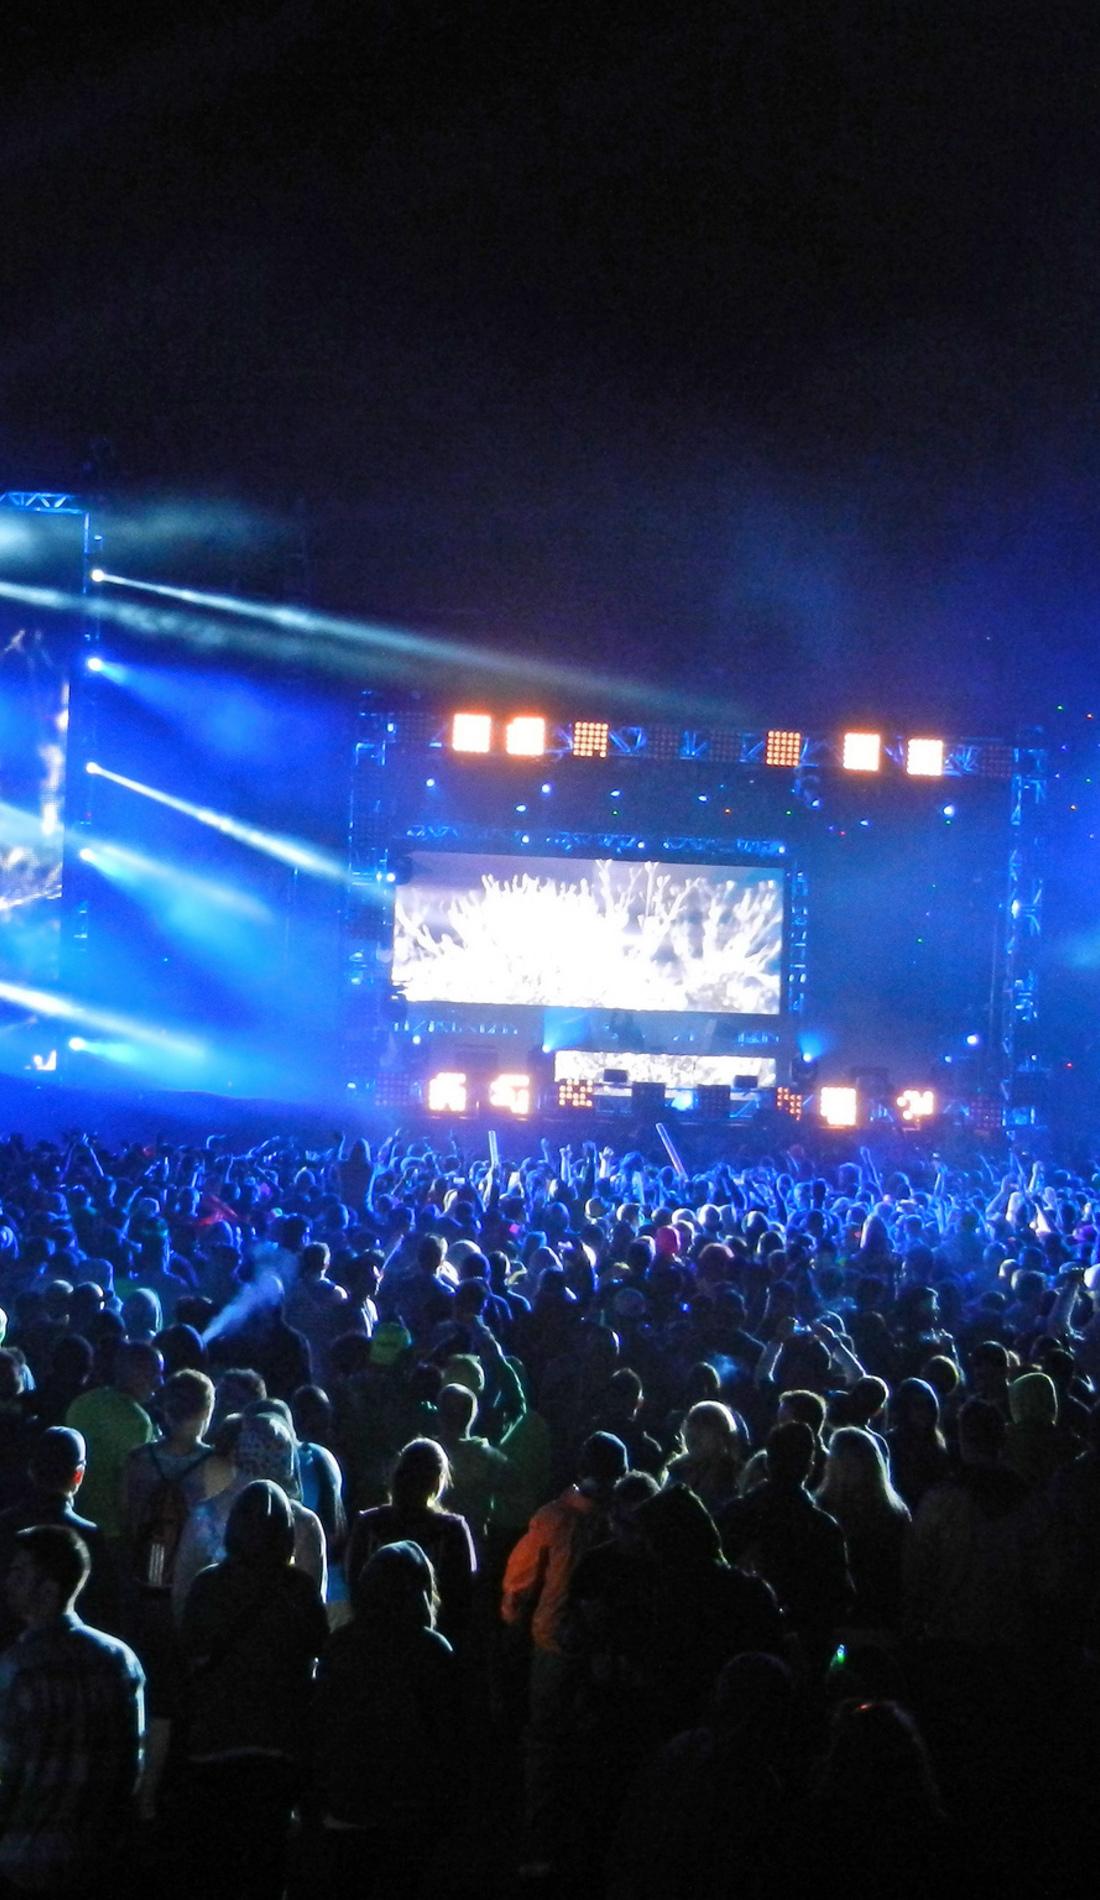 A Gospelfest live event